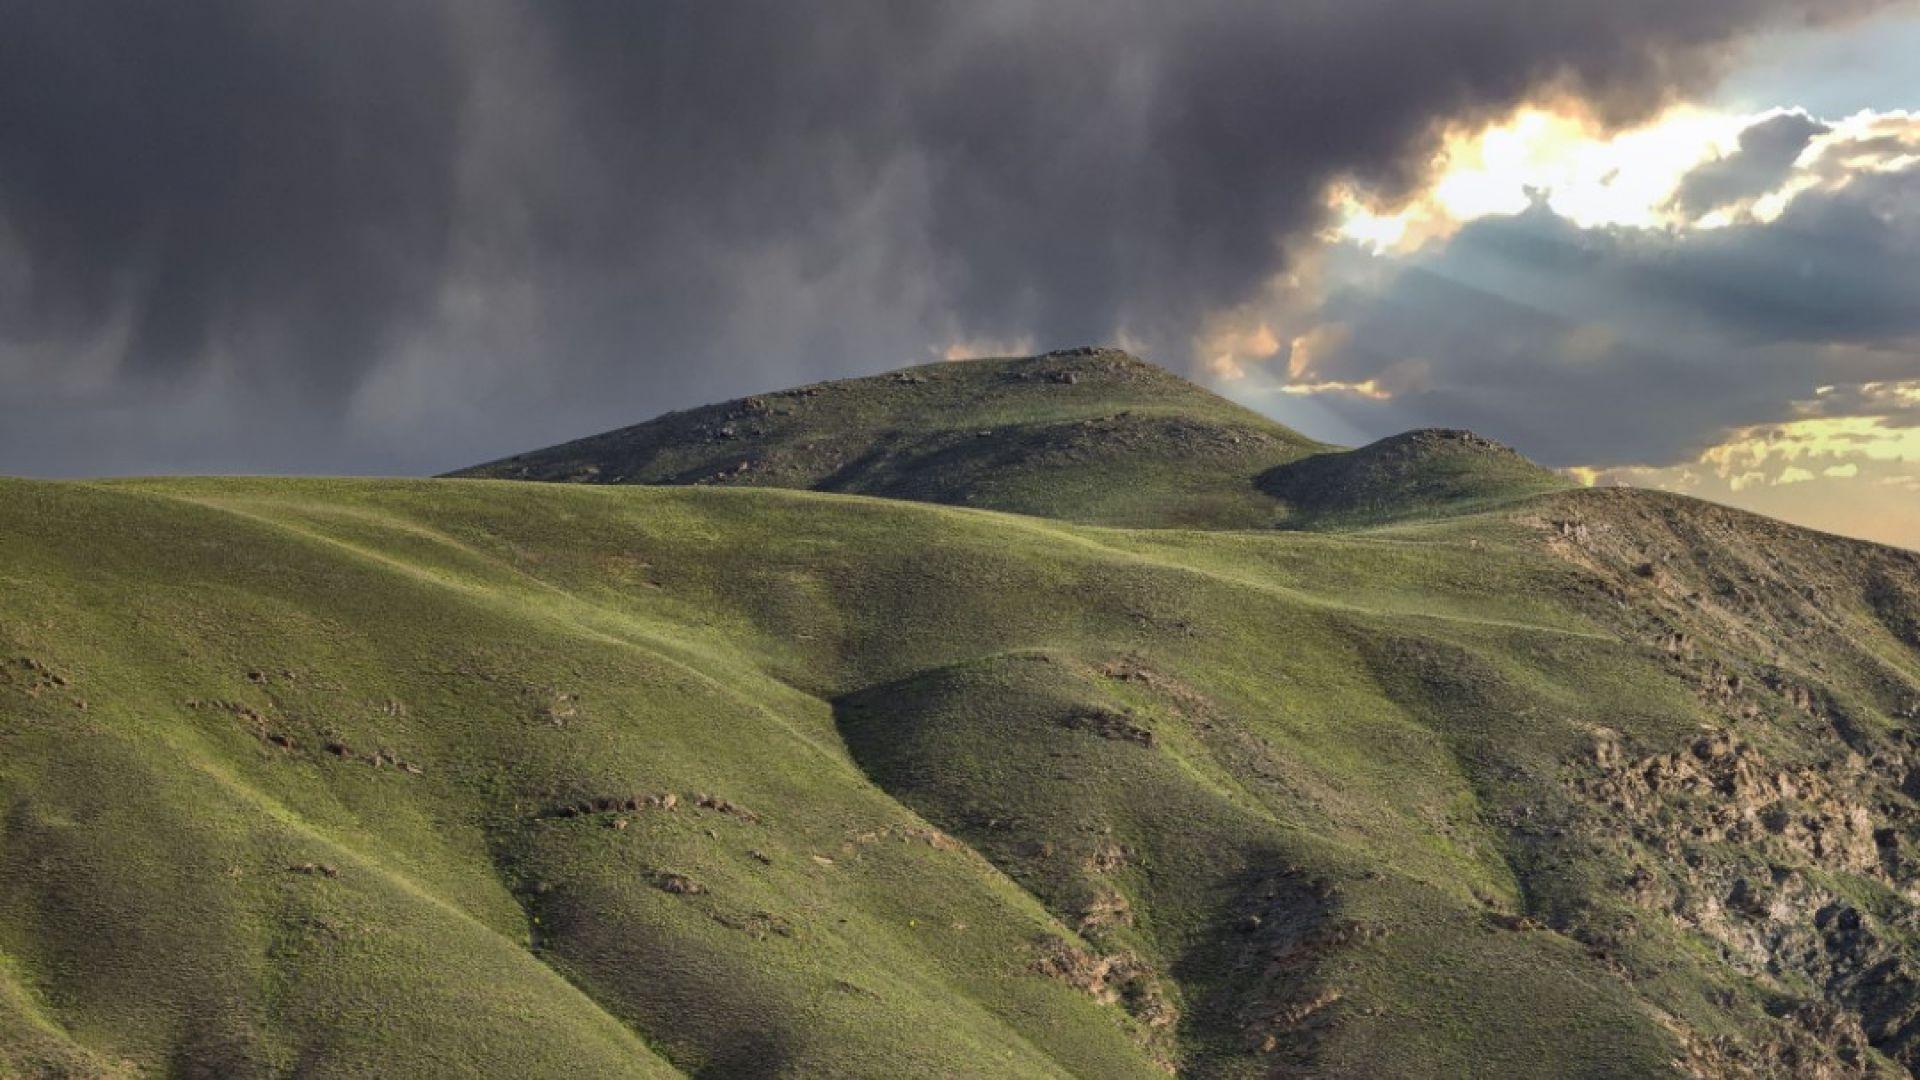 22 гледки от планетата Земя, които ни напомнят колко сме крехки